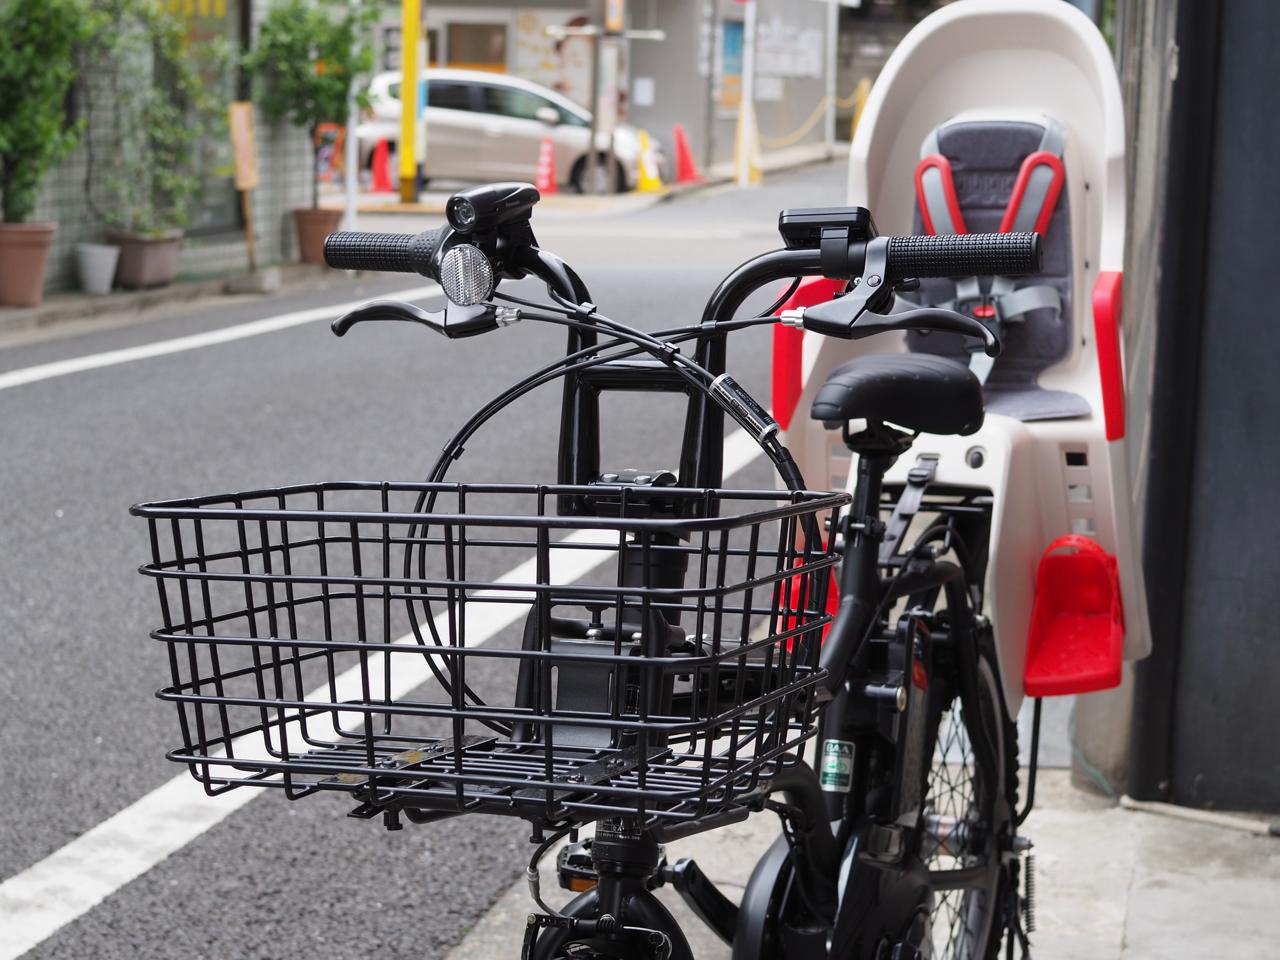 自転車,電動自転車,パナソニック,イーゼット,panasonic,EZ,チャイルドシート,OGK,マットブラック,polisport,ポリスポート